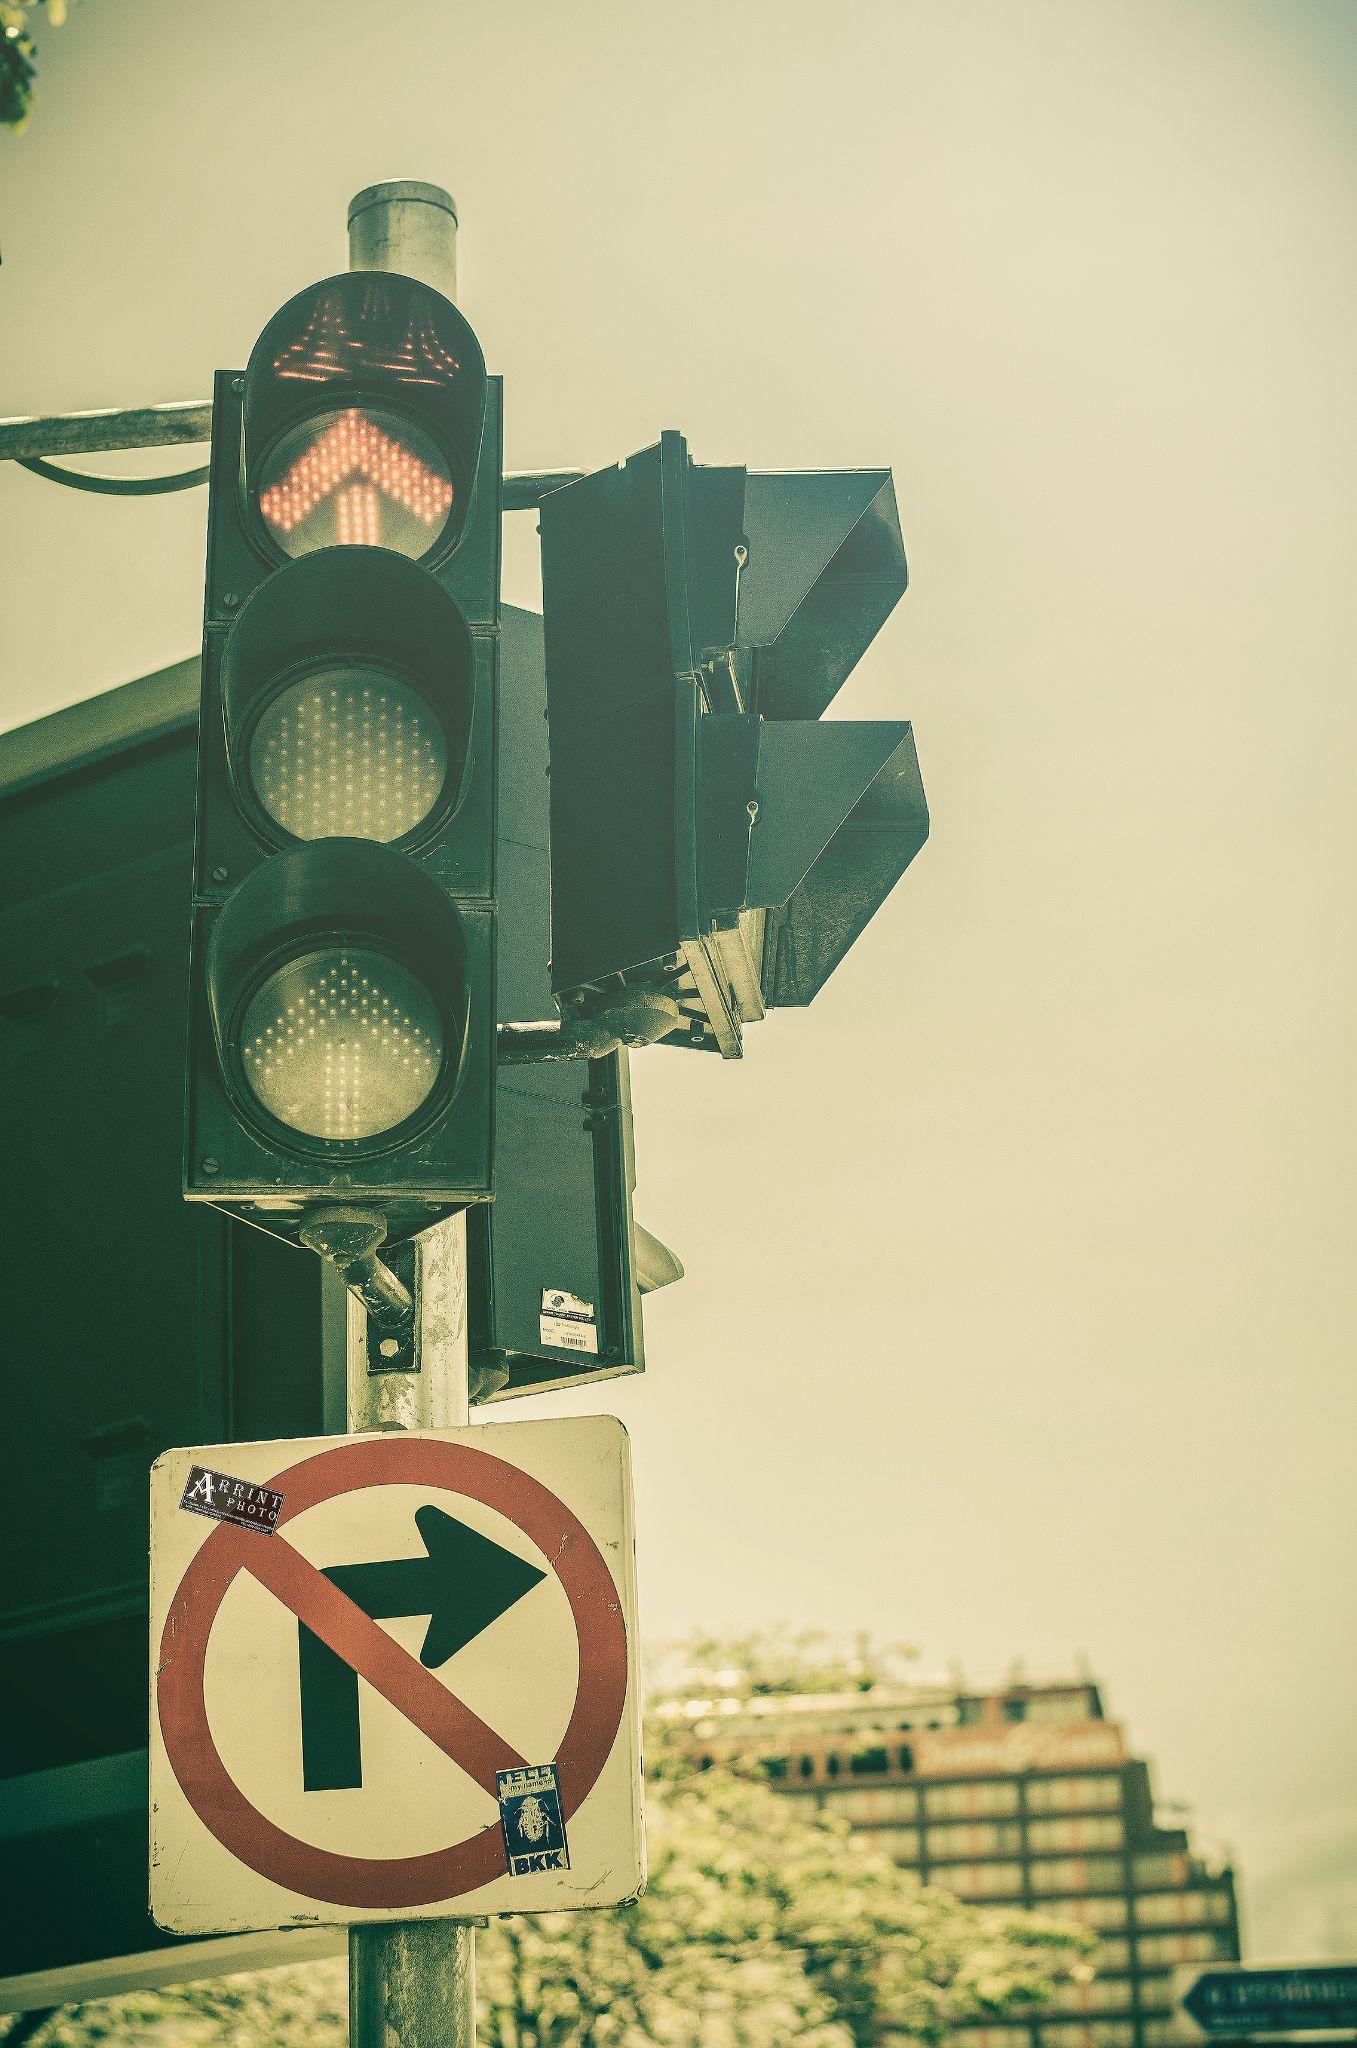 traffic signal by Baza Lichtbild